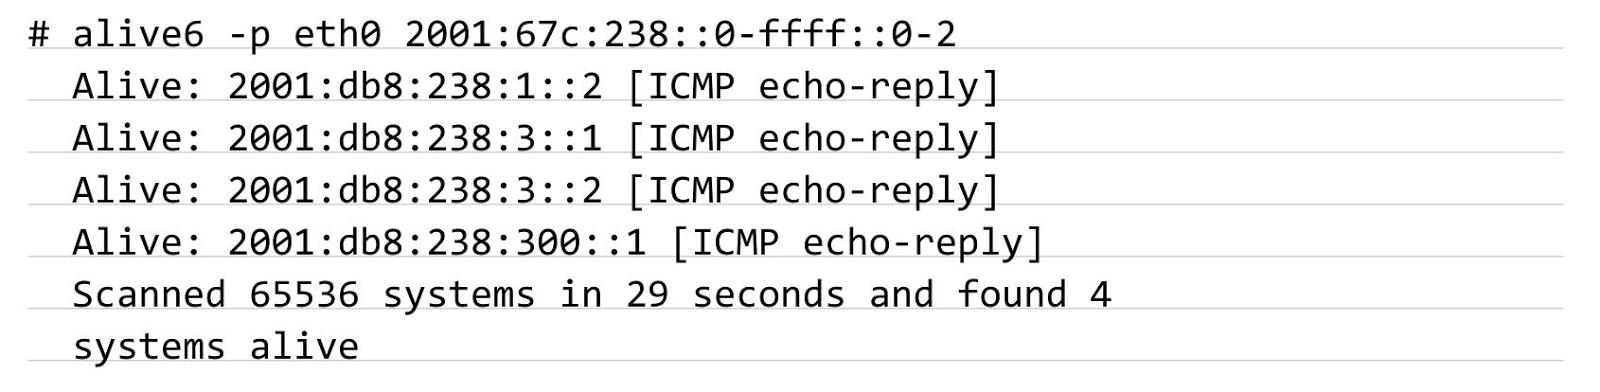 alive6 - перебор пула DHCPv6